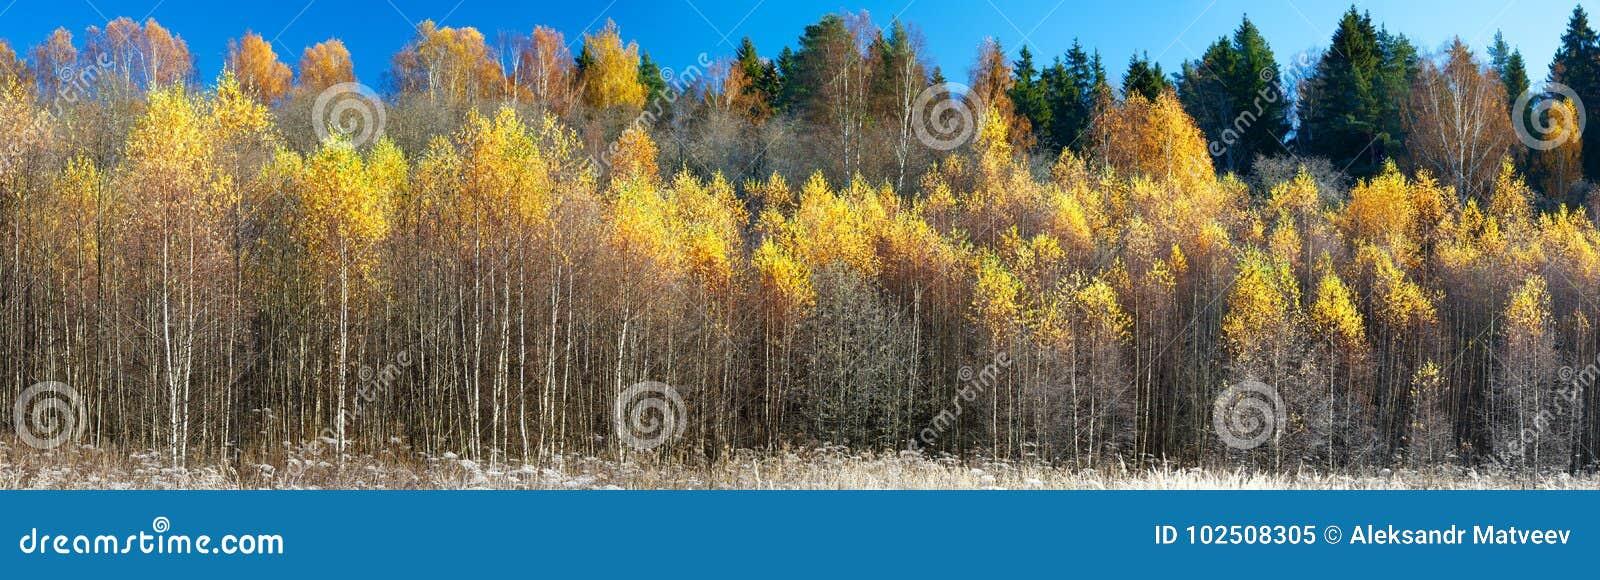 Ampio panorama extra di una foresta splendida in autunno, un paesaggio scenico con sole caldo piacevole